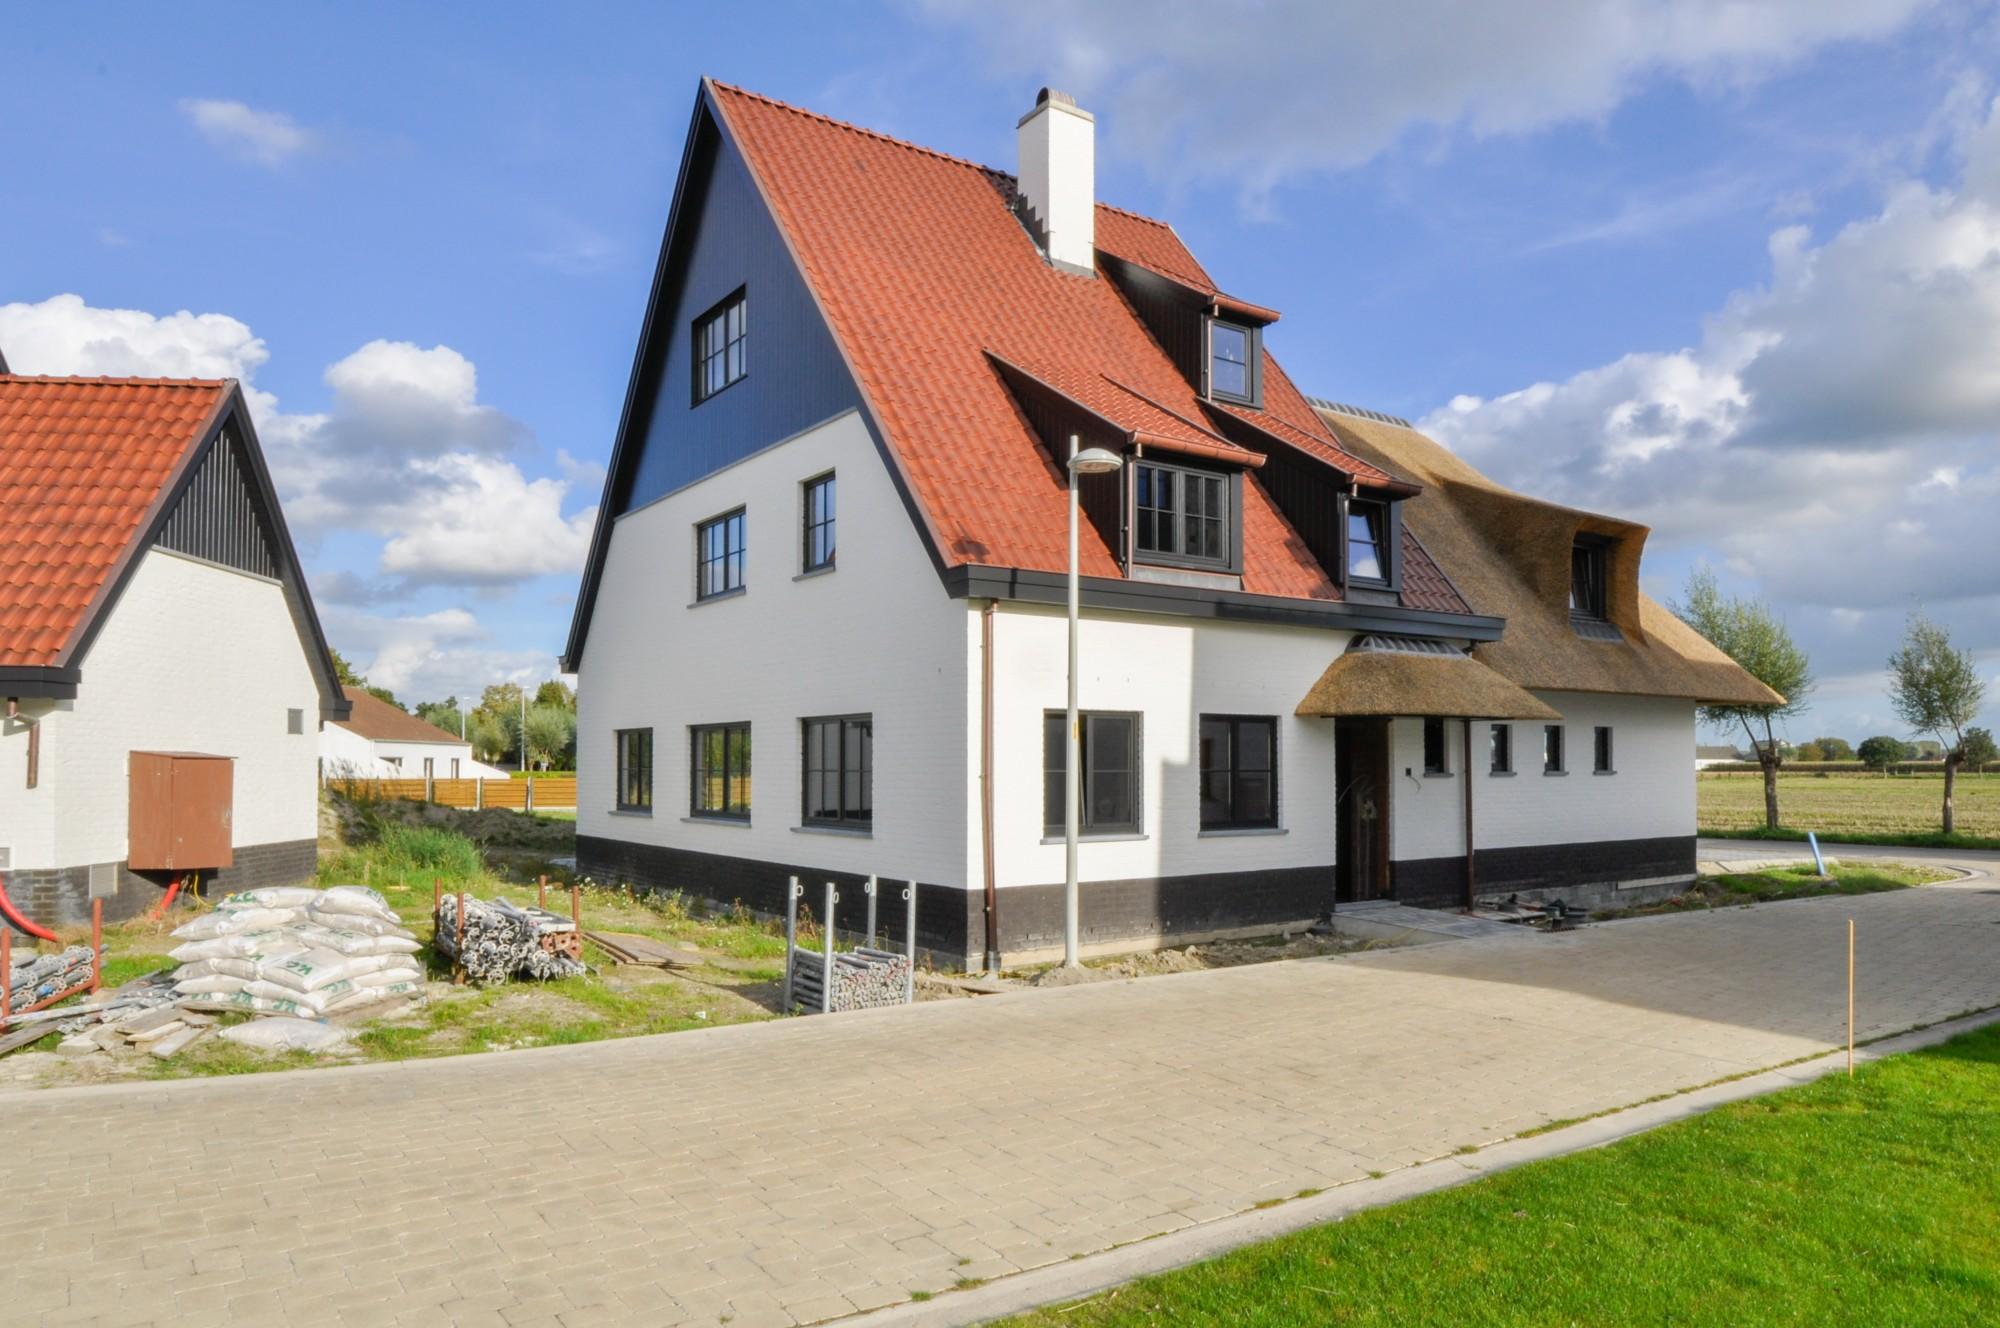 huis verkopen plaatje